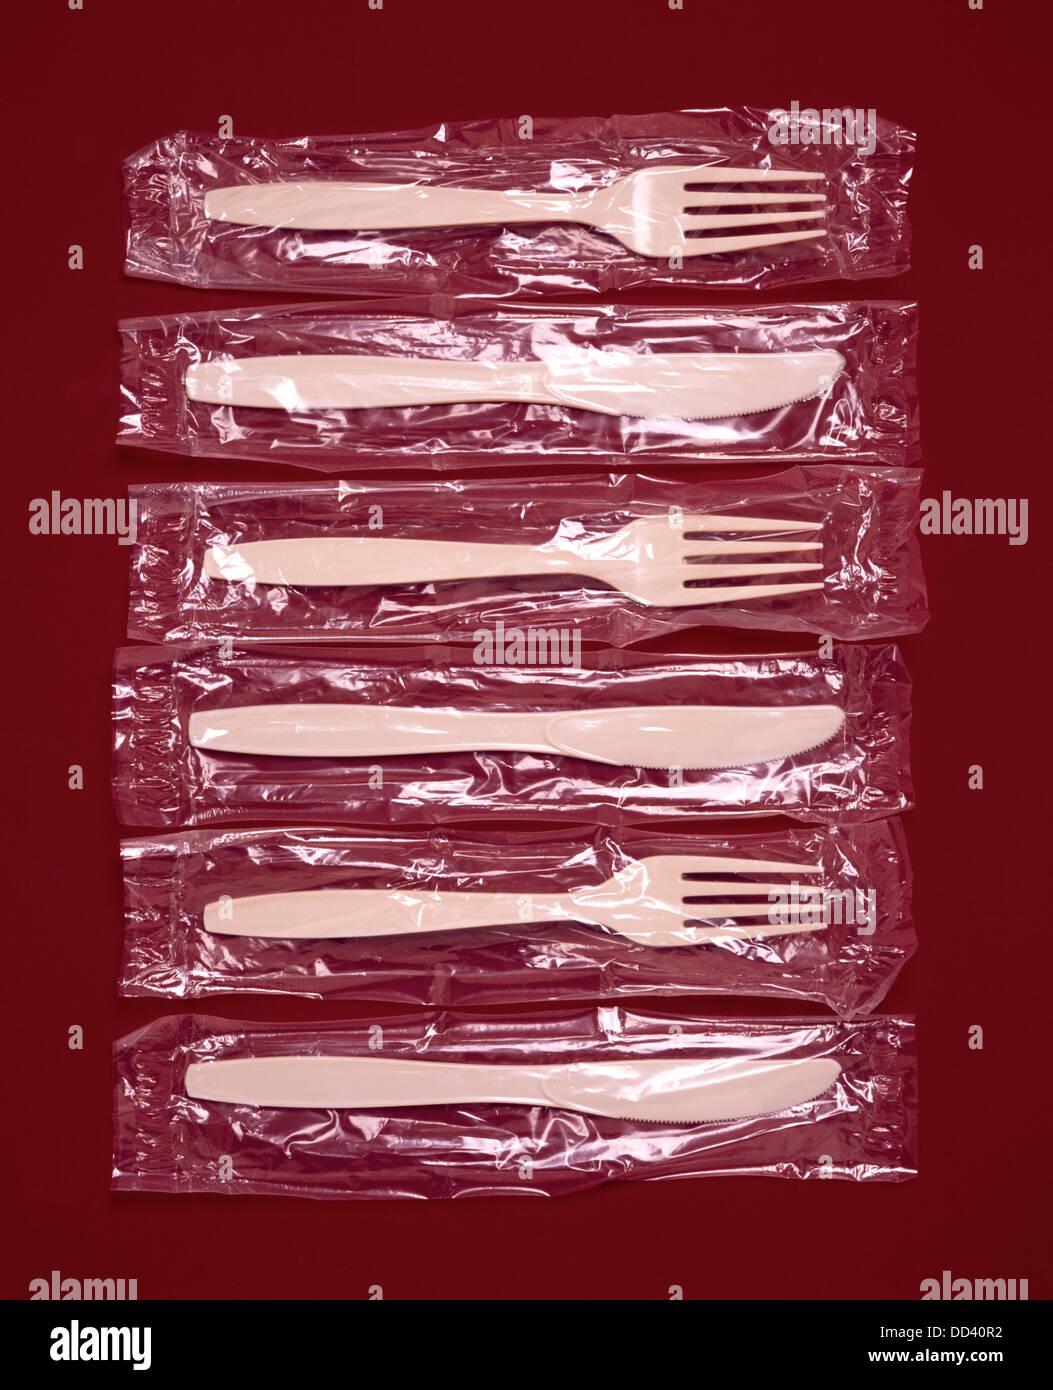 Cuchillos y tenedores de plástico en las bolsas de plástico Imagen De Stock